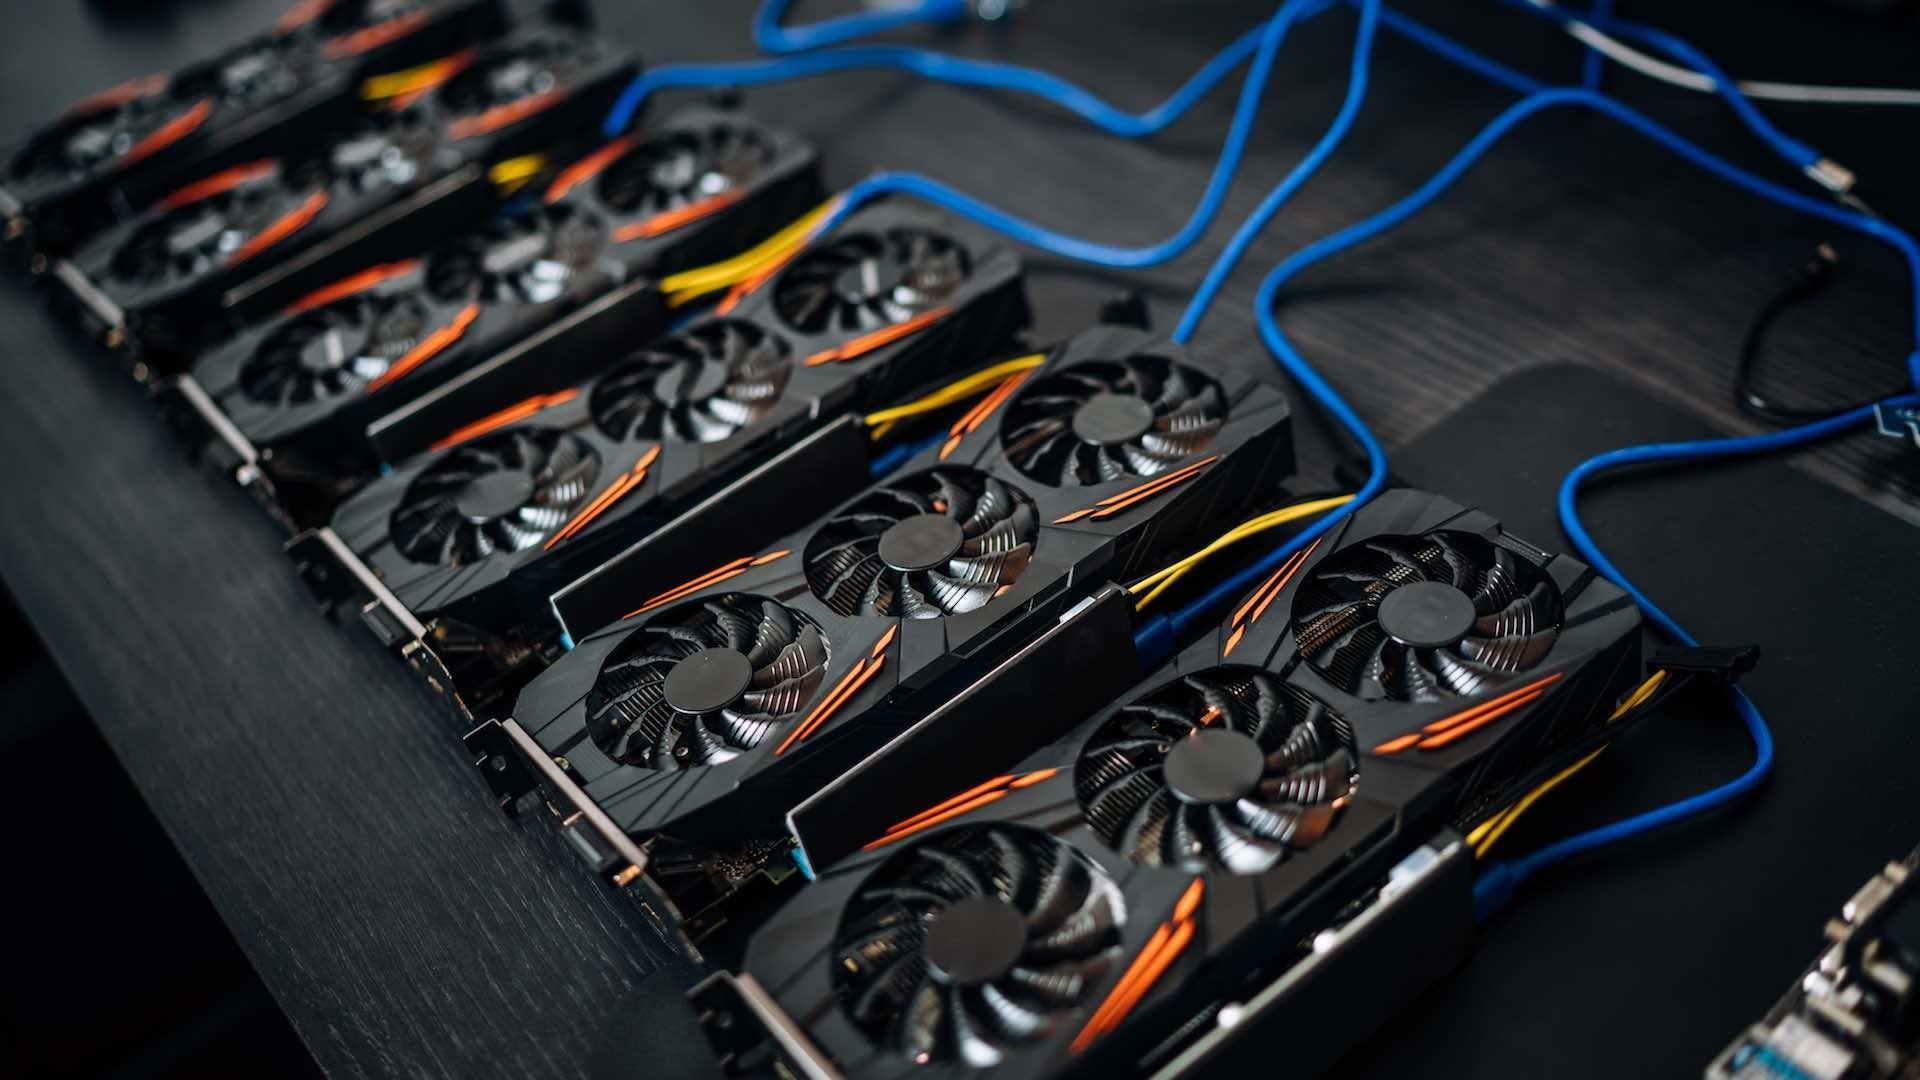 Майнинг Bitcoin требует 7 ГВт мощности и обеспечивает вычислительную  производительность 120 эксахешей в секунду - ITC.ua